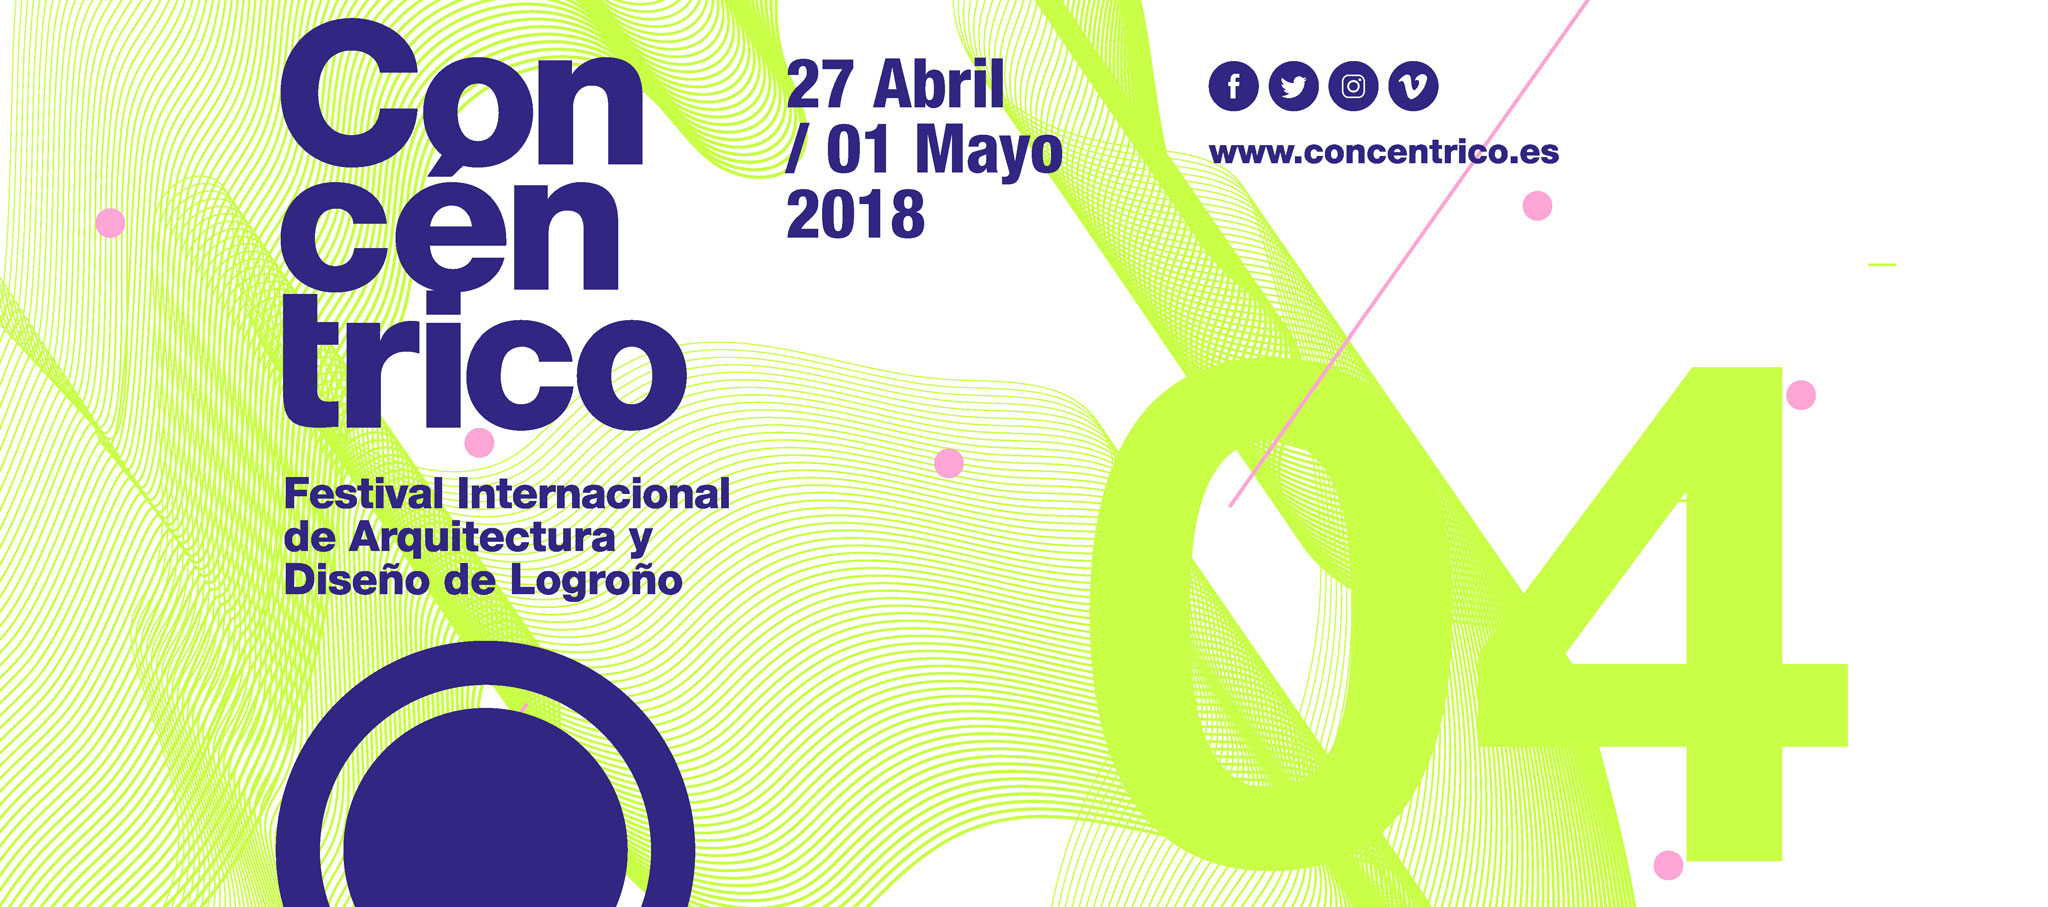 Cartel. New edition, Concéntrico 04. Image courtesy of Concéntrico 04